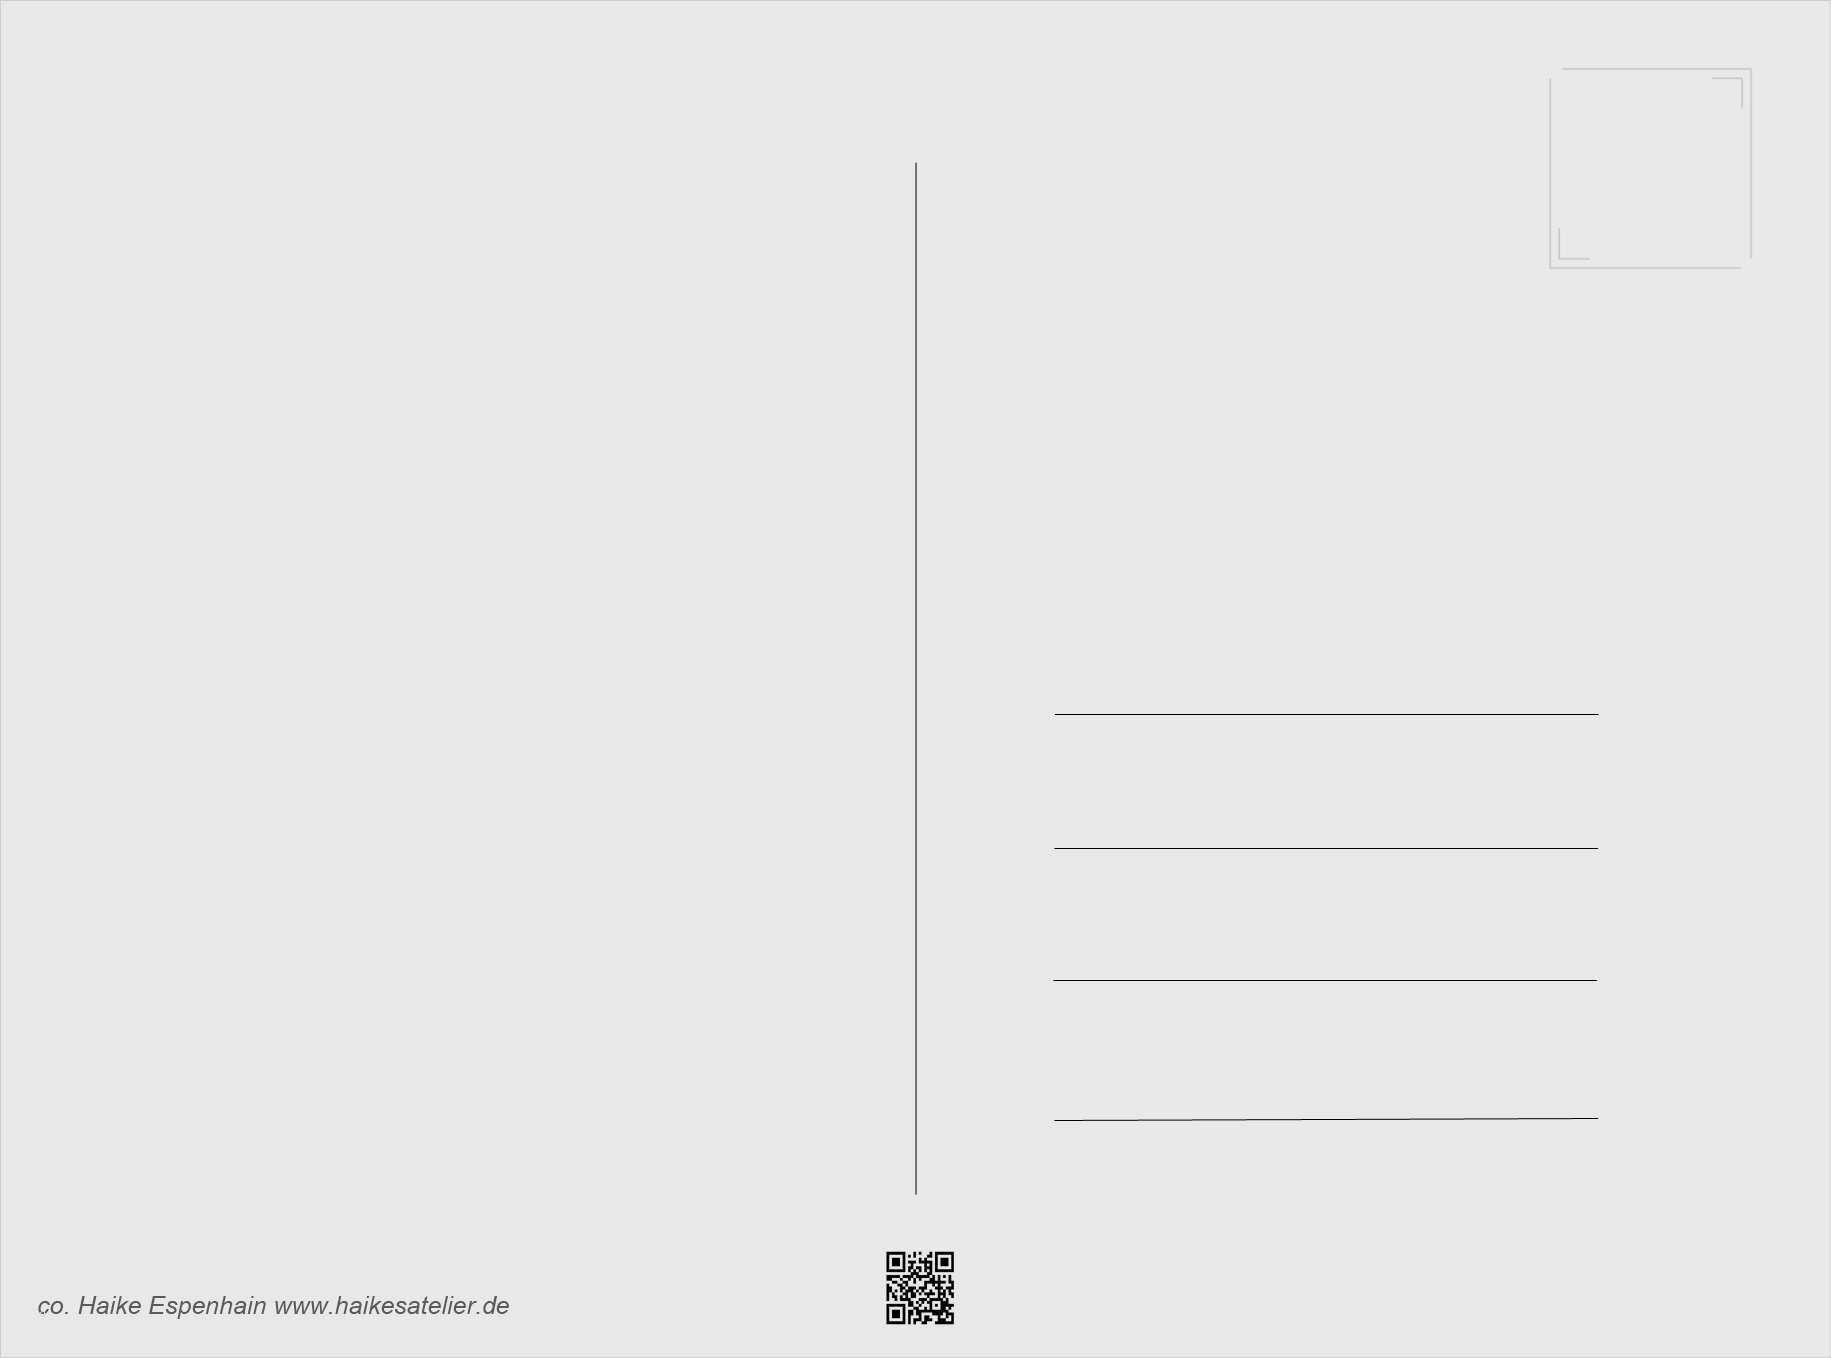 18 Süß Postkarte Rückseite Vorlage Sie Können Adaptieren In mit Postkarten Kostenlos Drucken